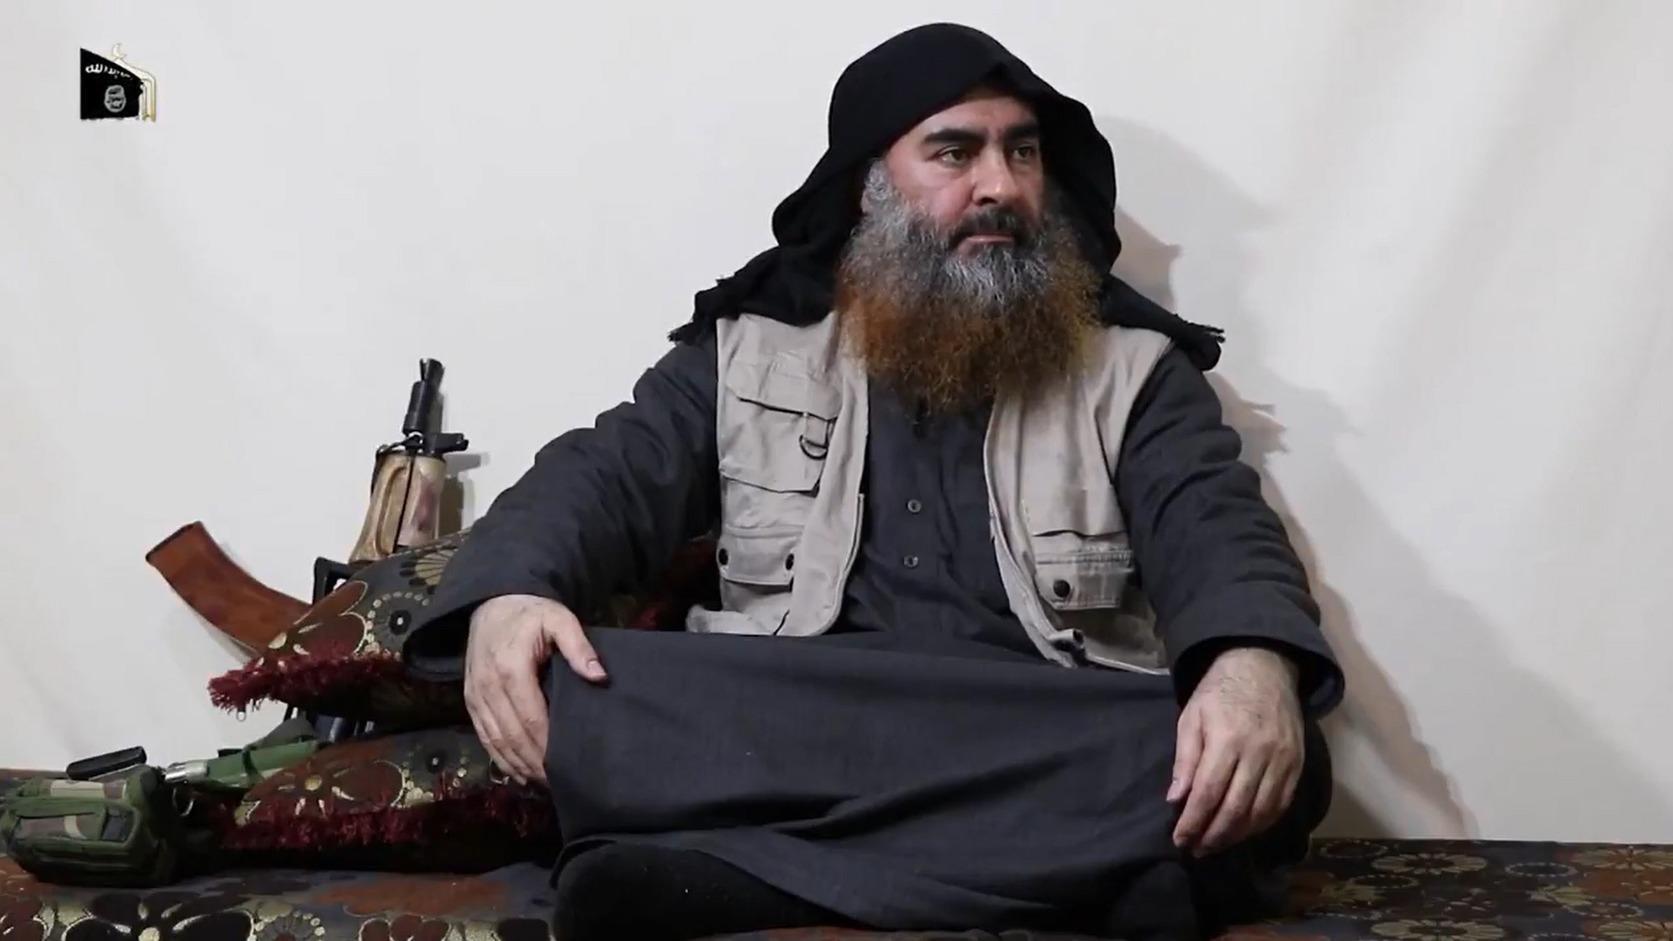 Abu Bakr al-Bagdadi, az Iszlám Állam dzsihadista terrorszervezet vezetője videóüzenetet tett közzé (Fotó: MTI/AP)